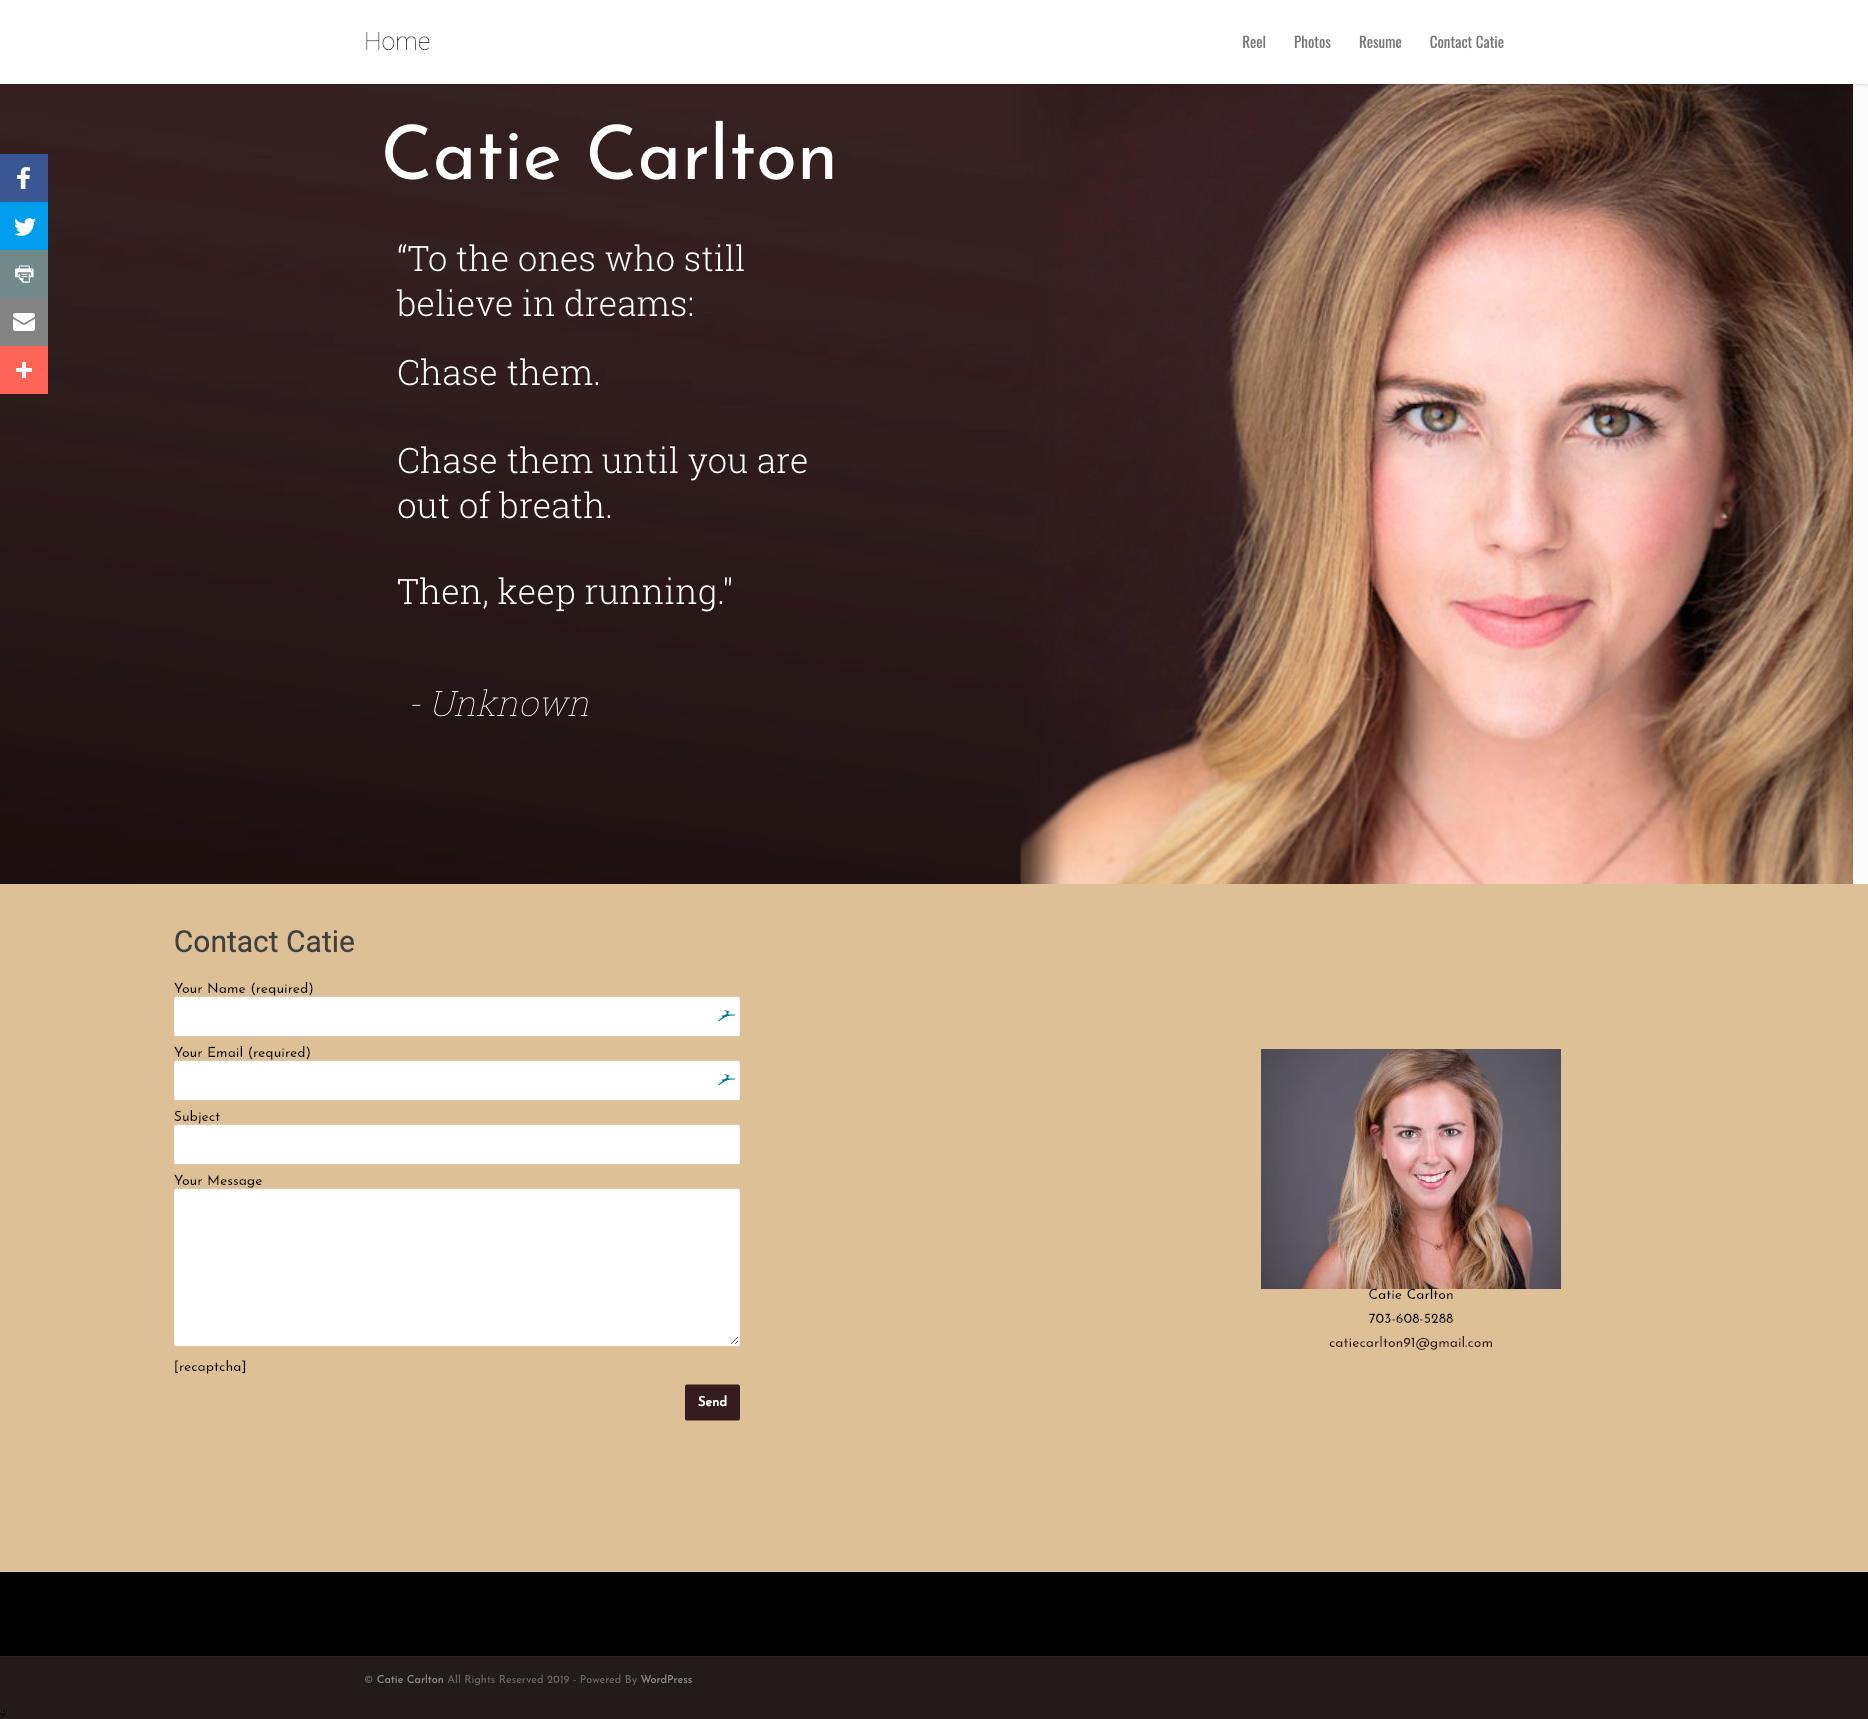 Catie Carlton – Actor Website